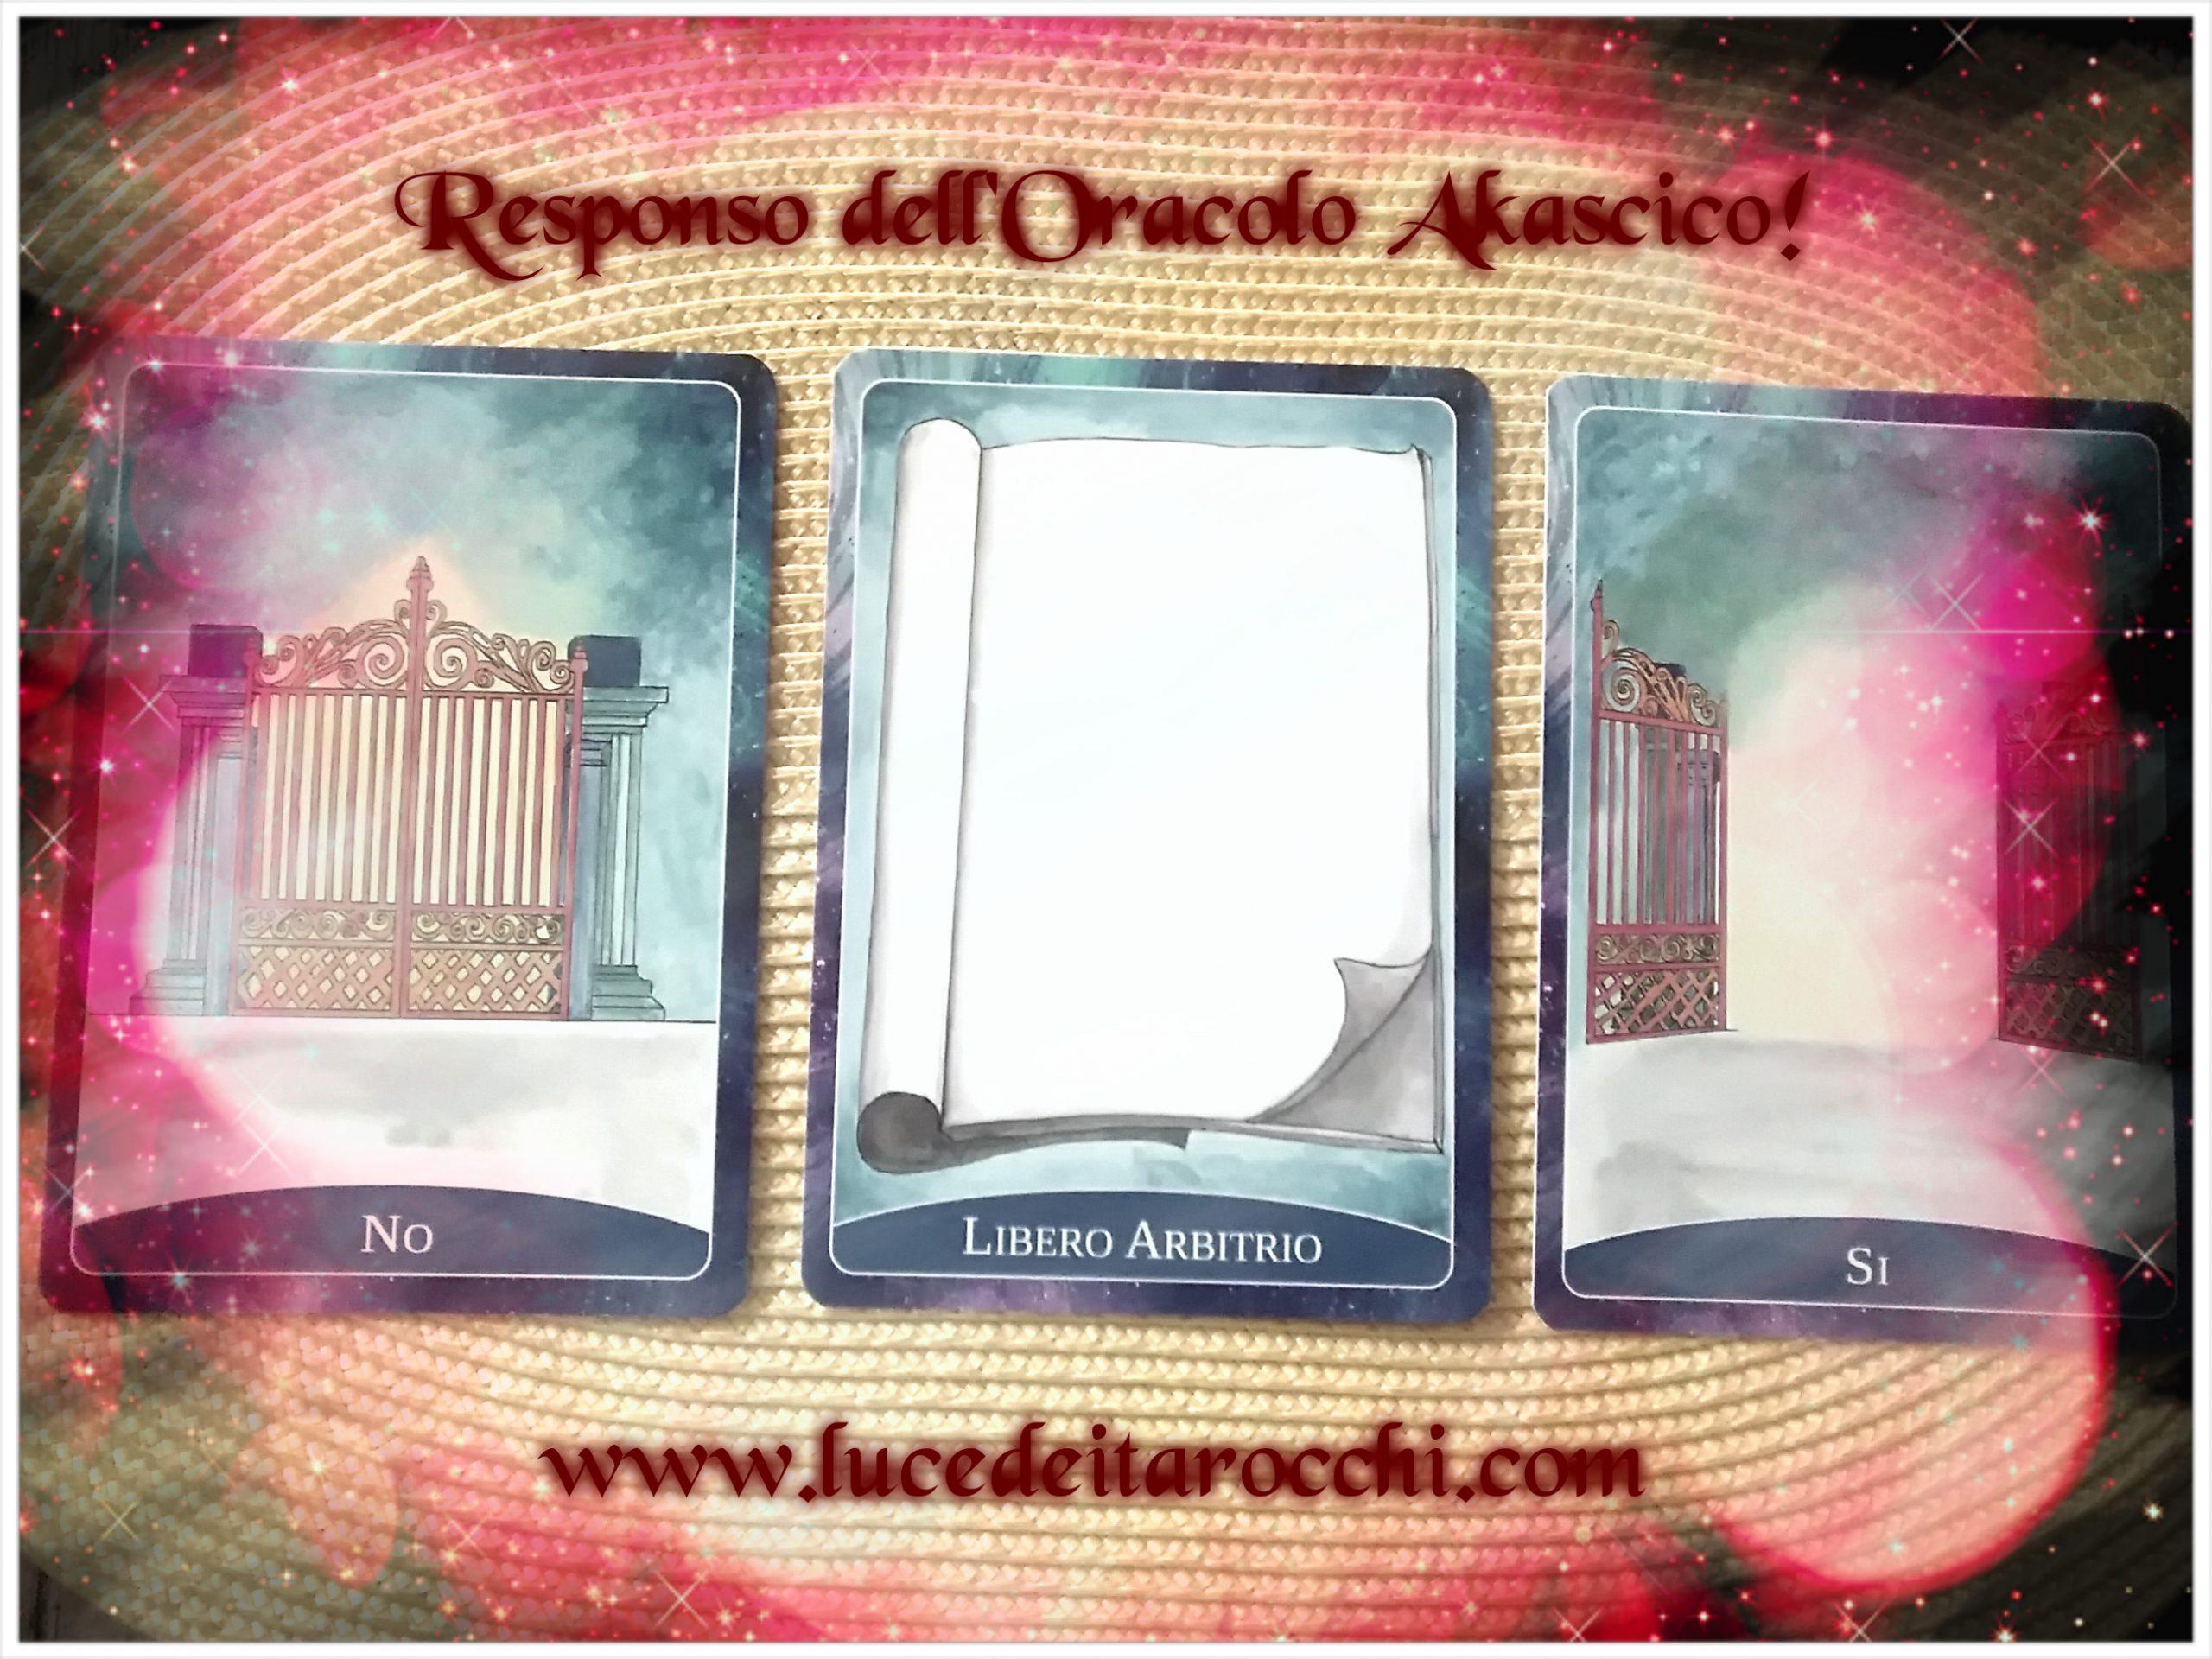 luce,dei,tarocchi,oracolo,akasha,3,carte,scegli,domanda,